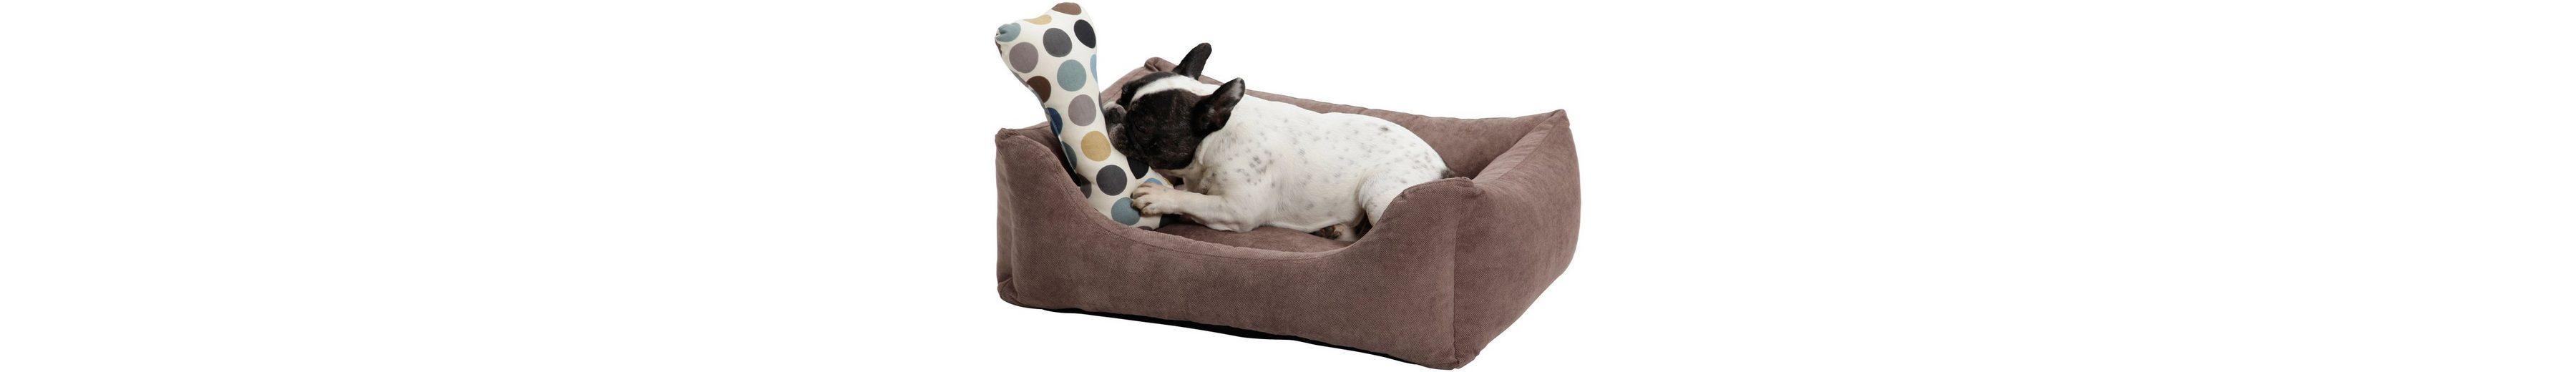 Hundebett und Katzenbett »Madison«, B/T/H: 80/60/28 cm, Braun